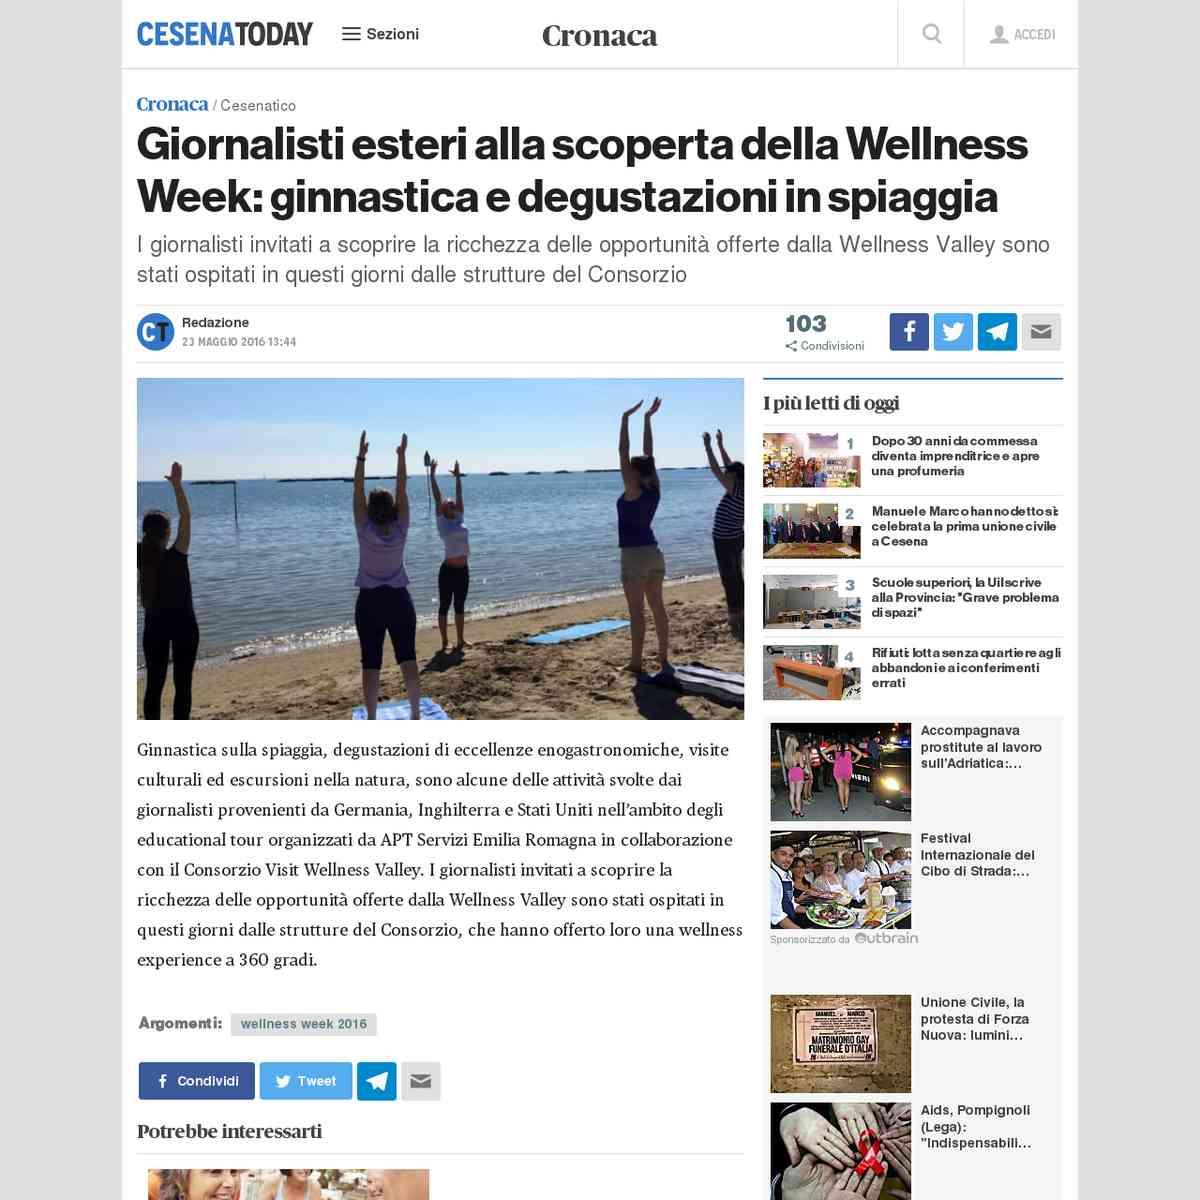 Giornalisti esteri alla scoperta della Wellness Week: ginnastica e degustazioni in spiaggia - Cesen…